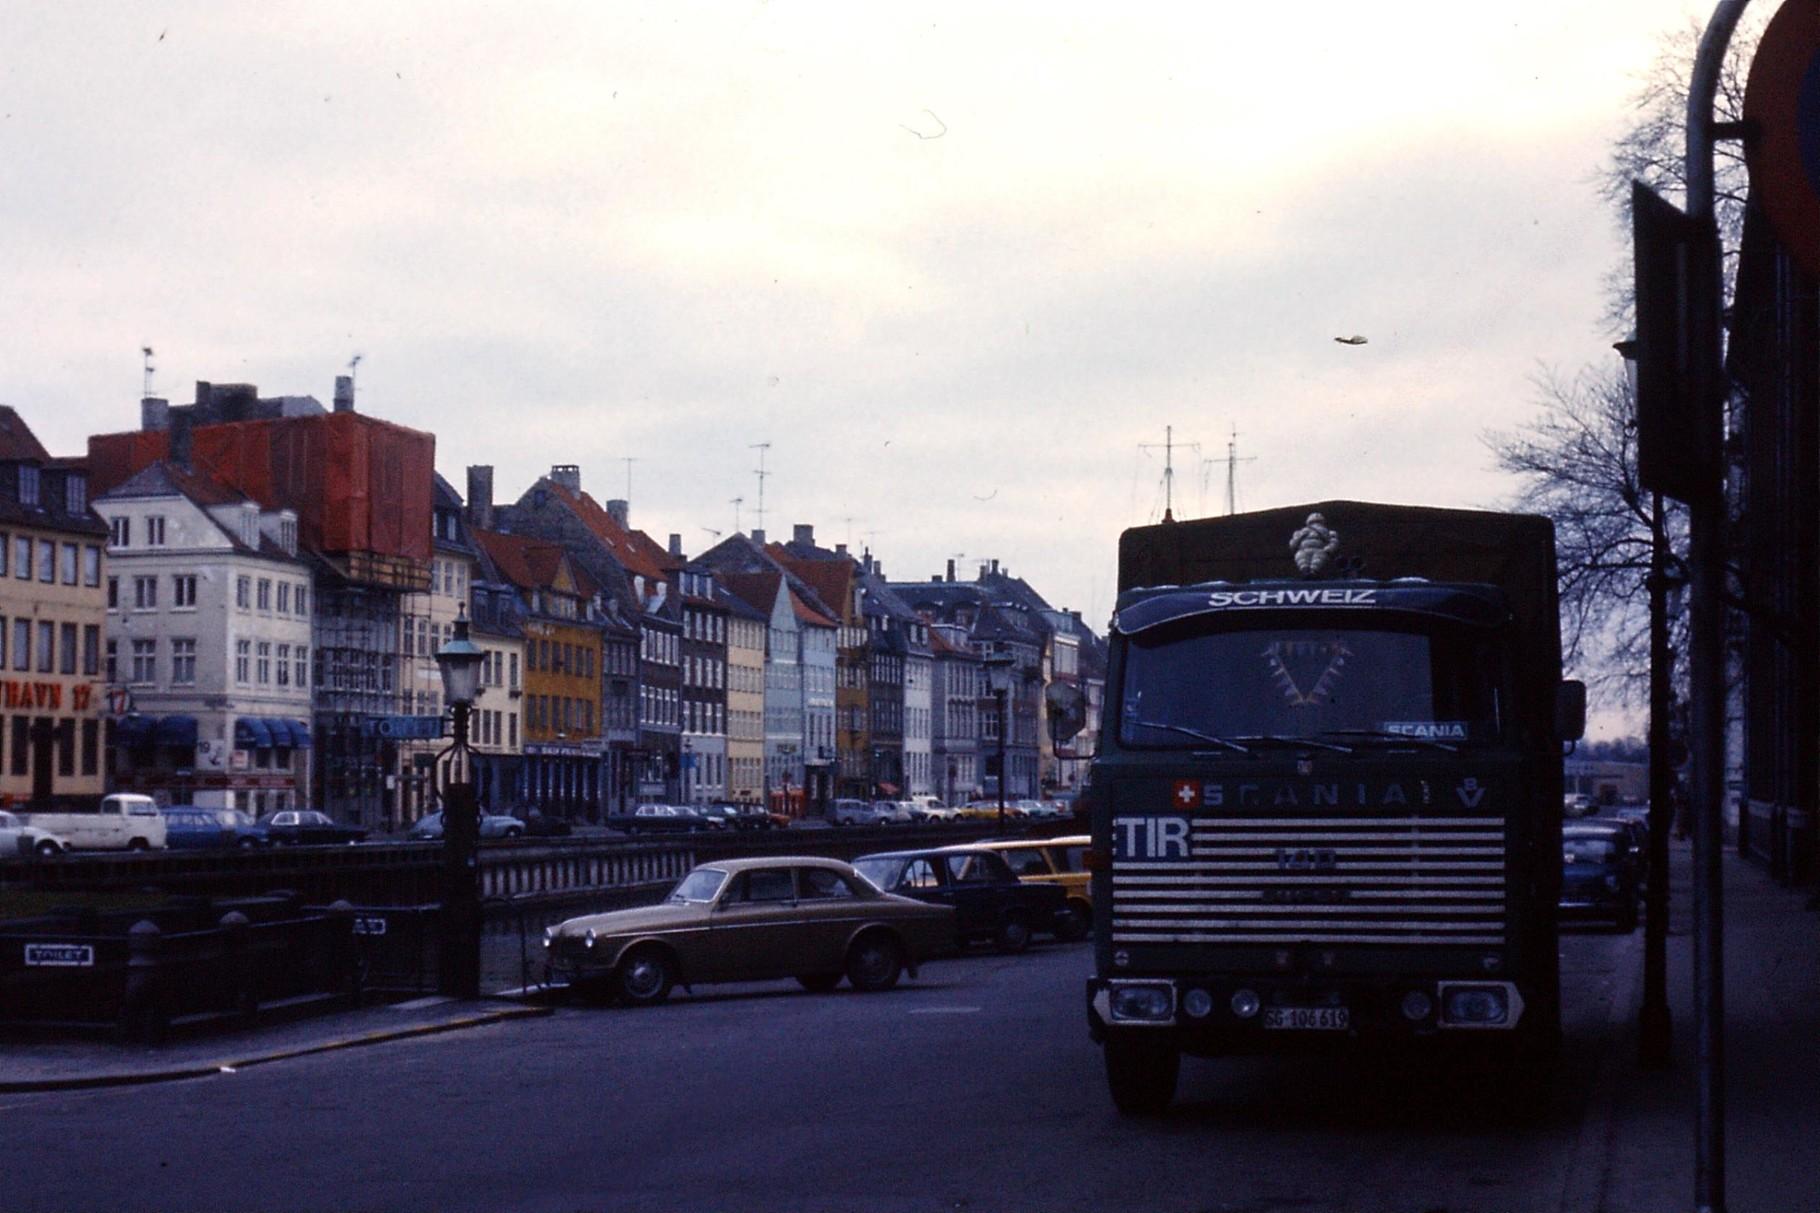 Kopenhagen am Sonntag. Am Nyhafen  in den 70ern